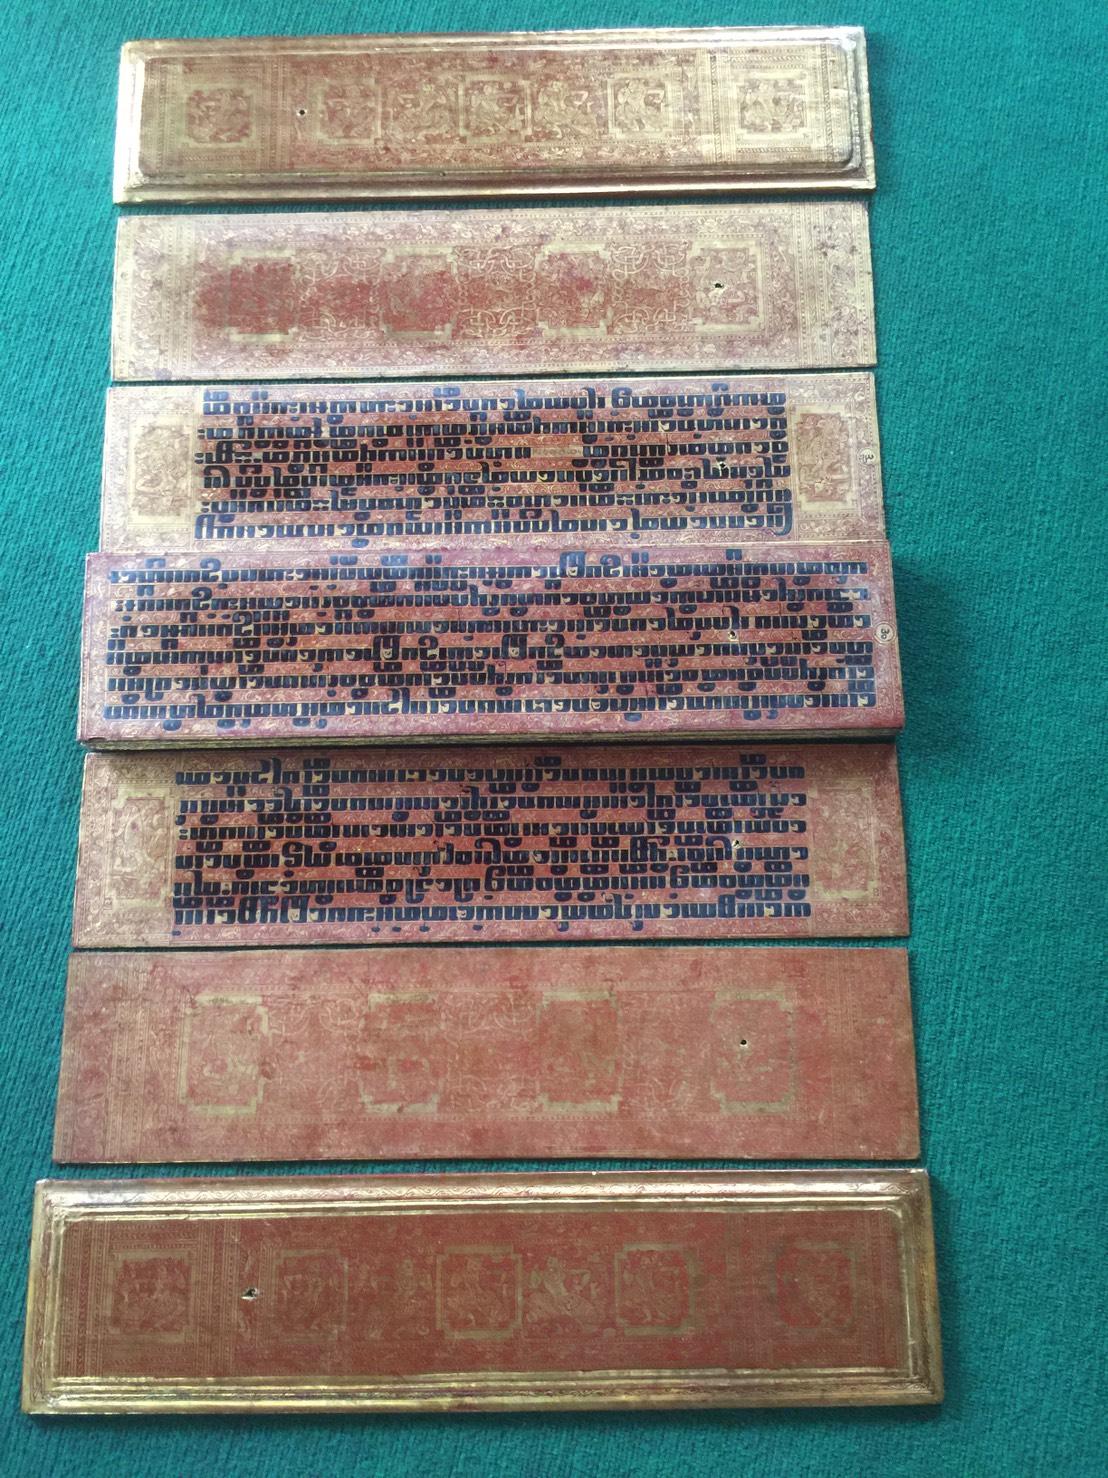 Kammavaca - Buddhist bible, 16 pages, 2 covers